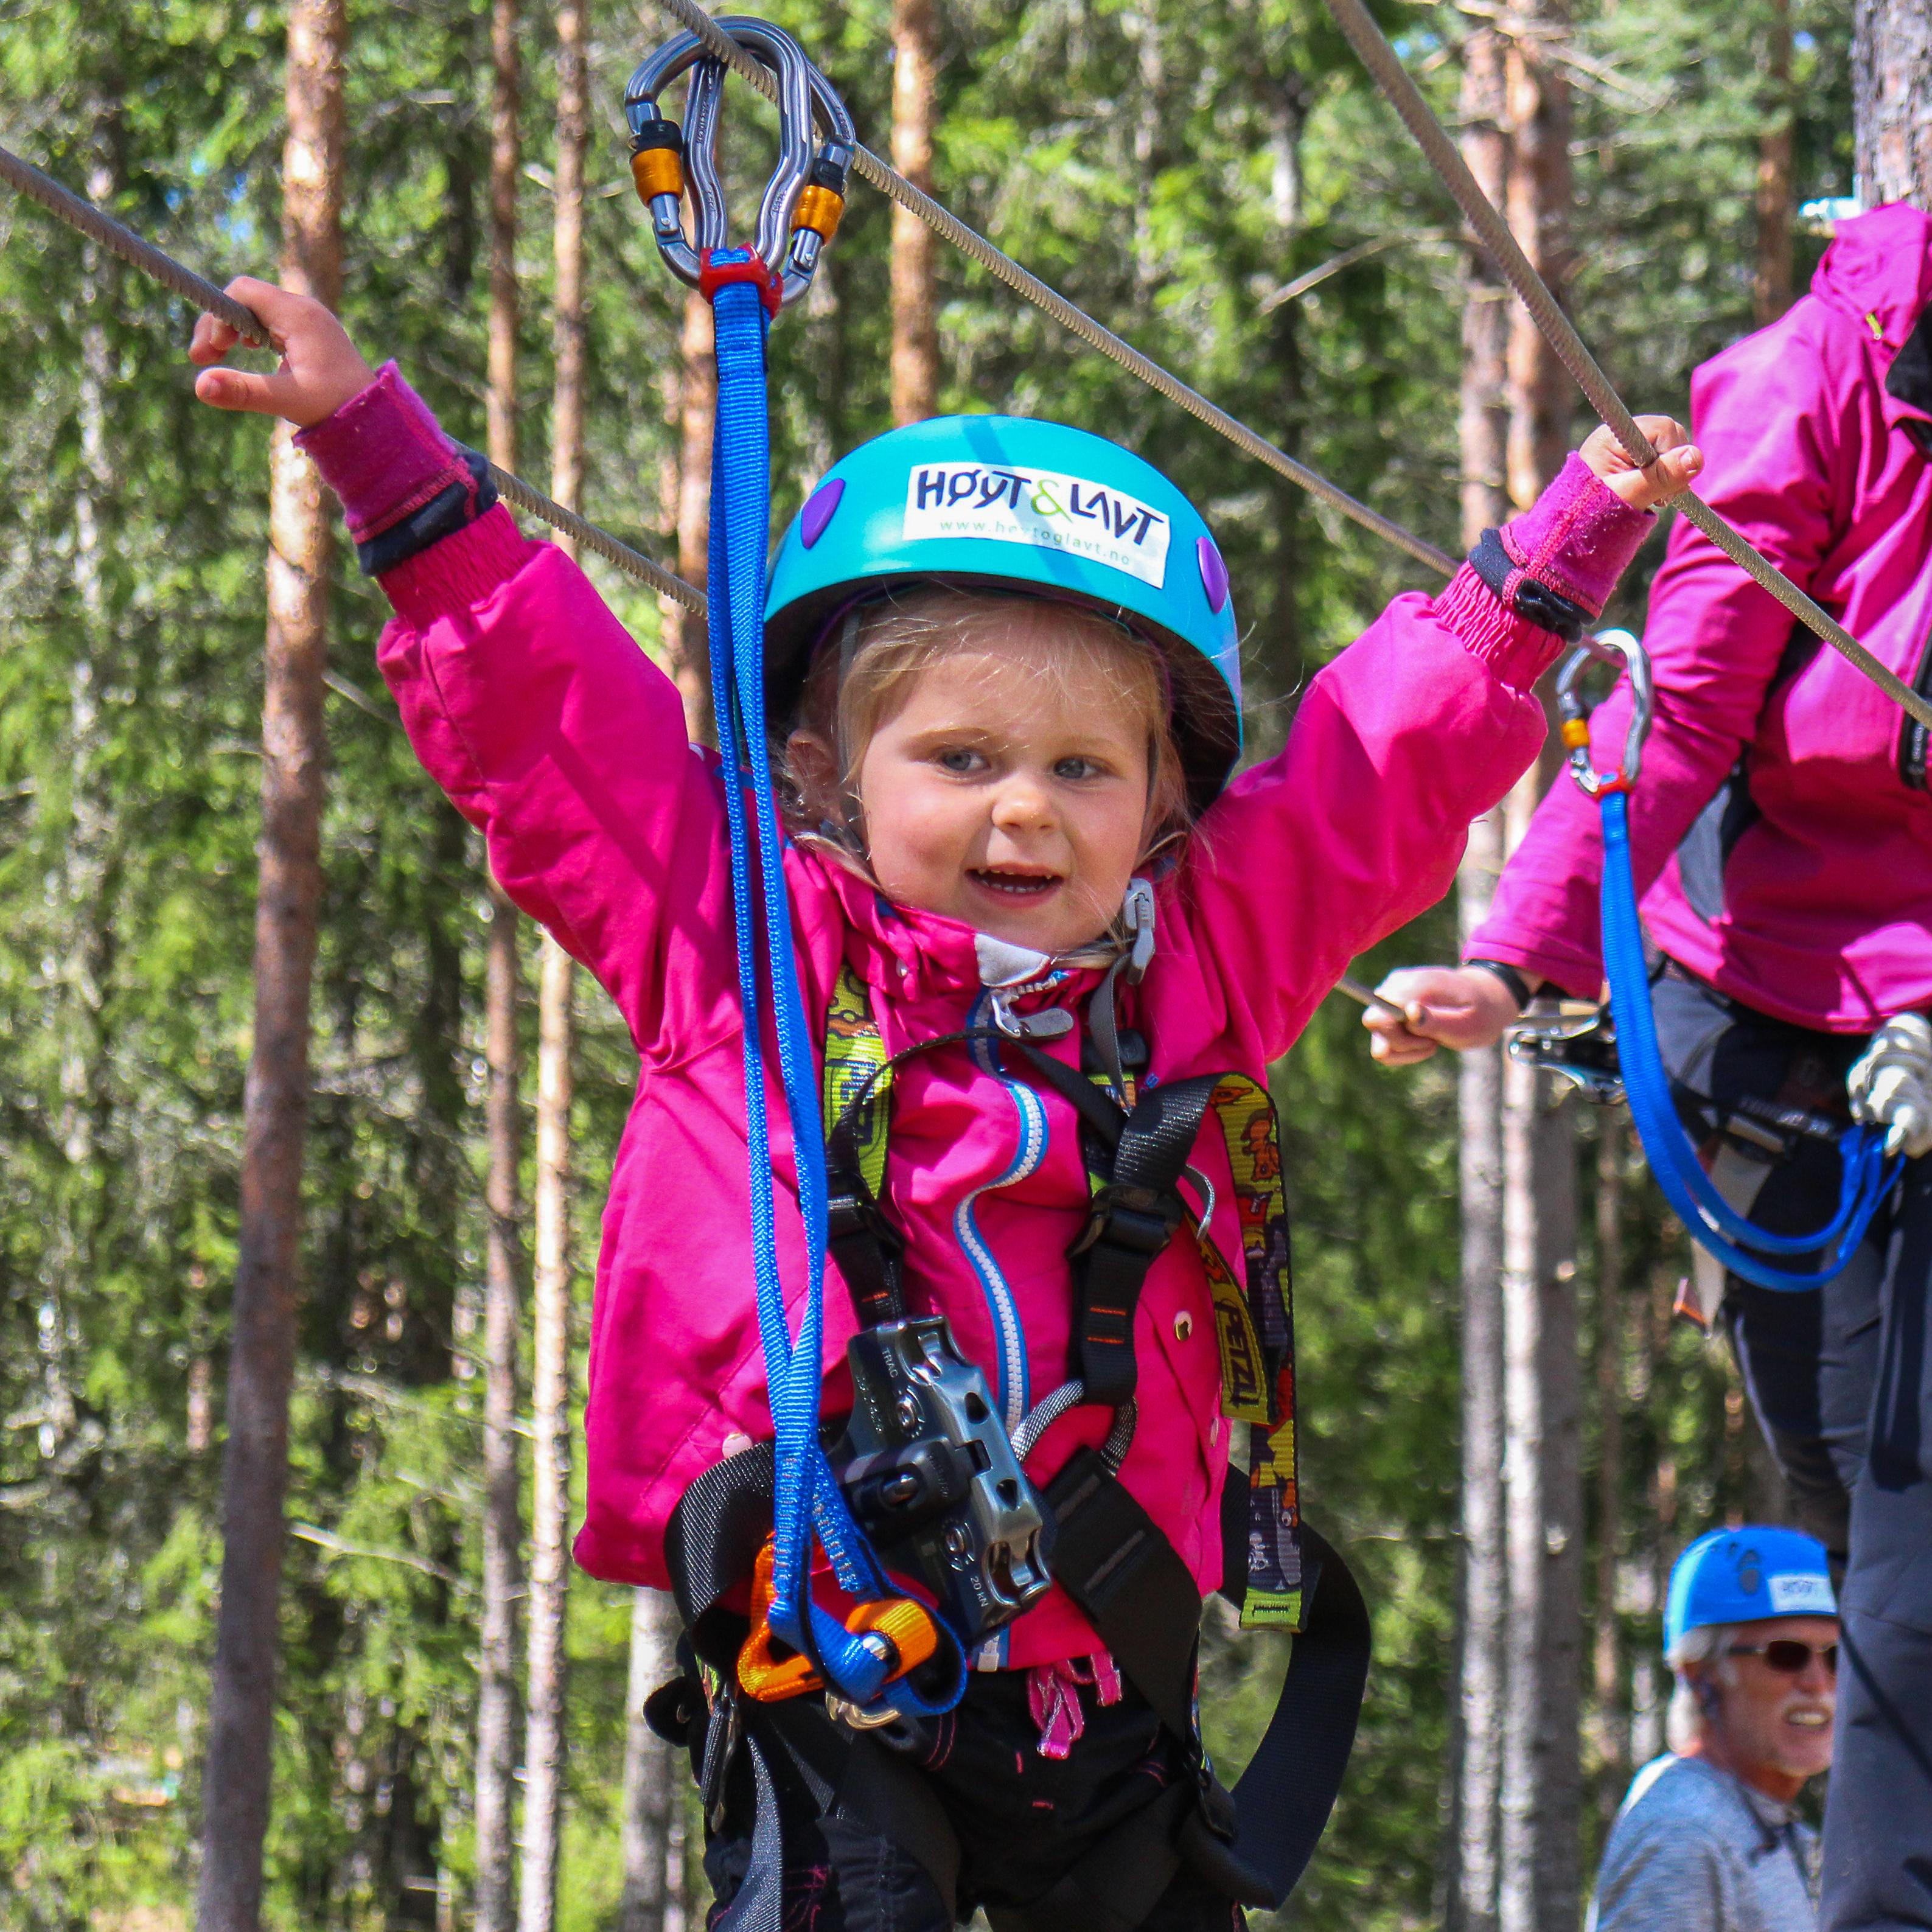 Høyt & Lavt klatrepark - Turist i egen bygd